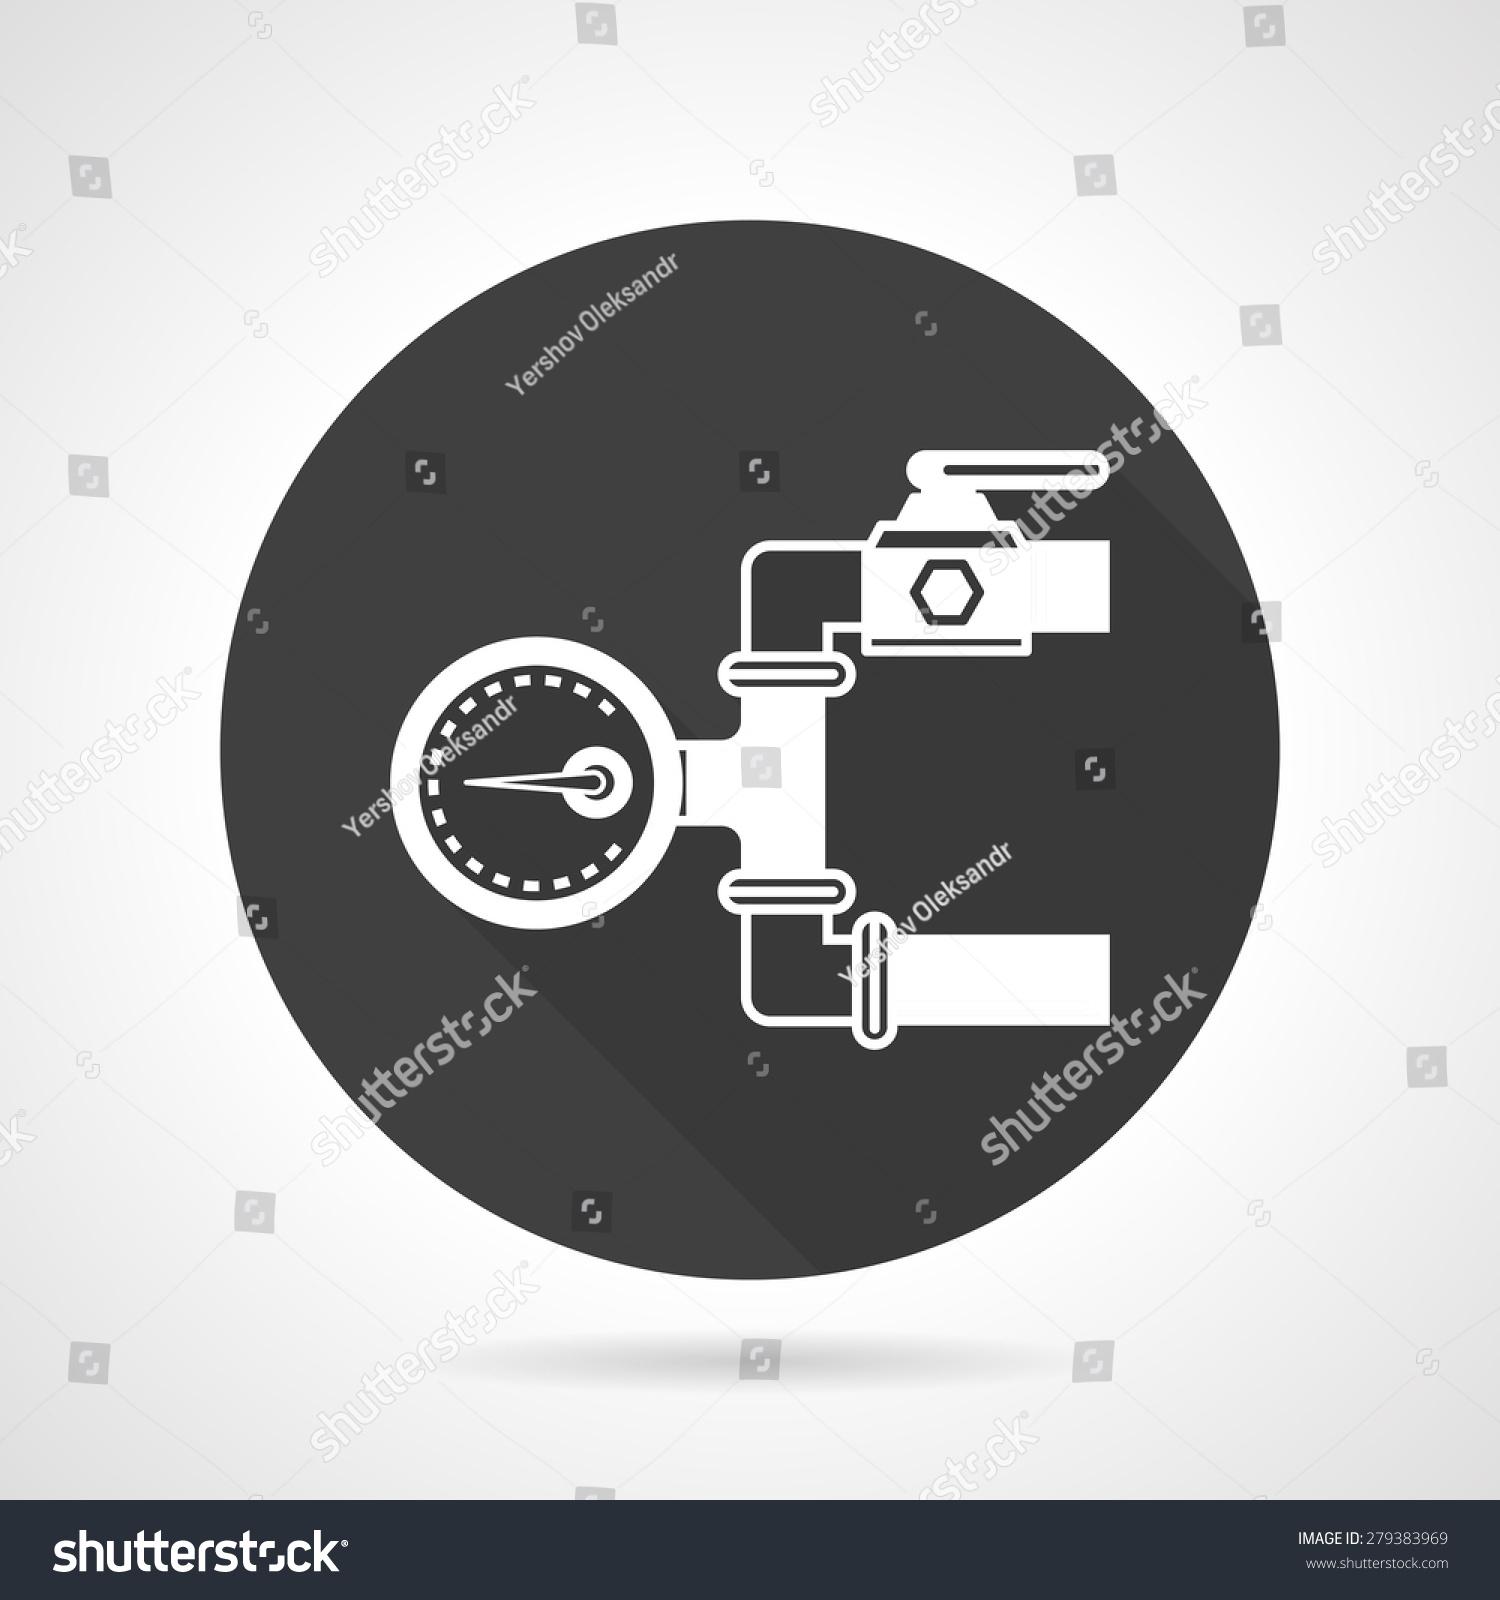 扁圆形的黑色矢量图标以灰色背景的白色剪影,管道压力